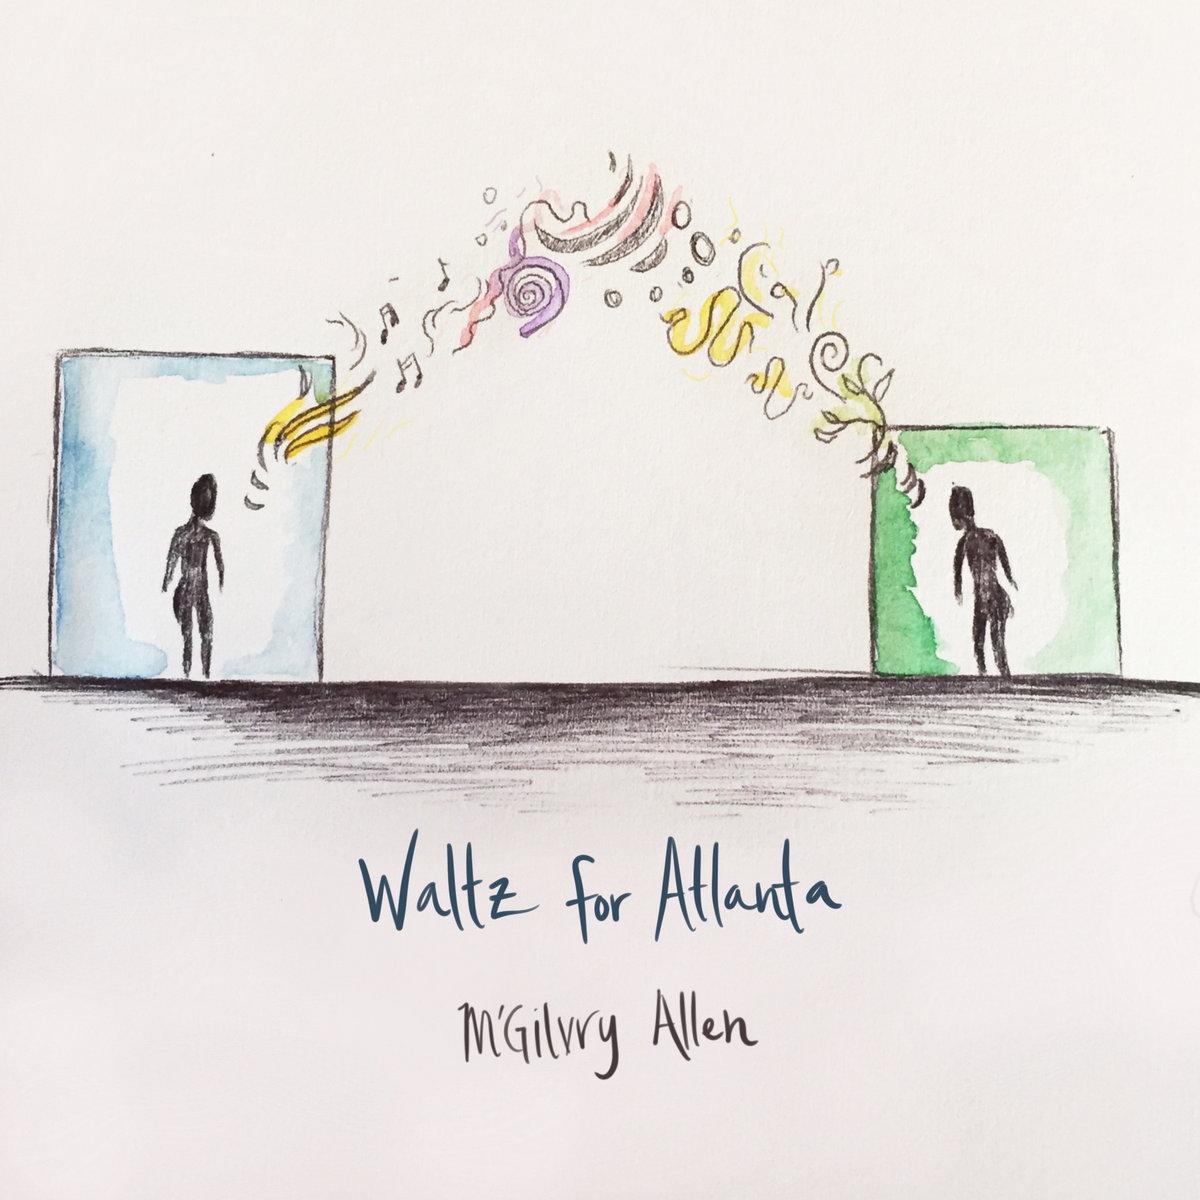 Waltz for Atlanta by M'Gilvry Allen